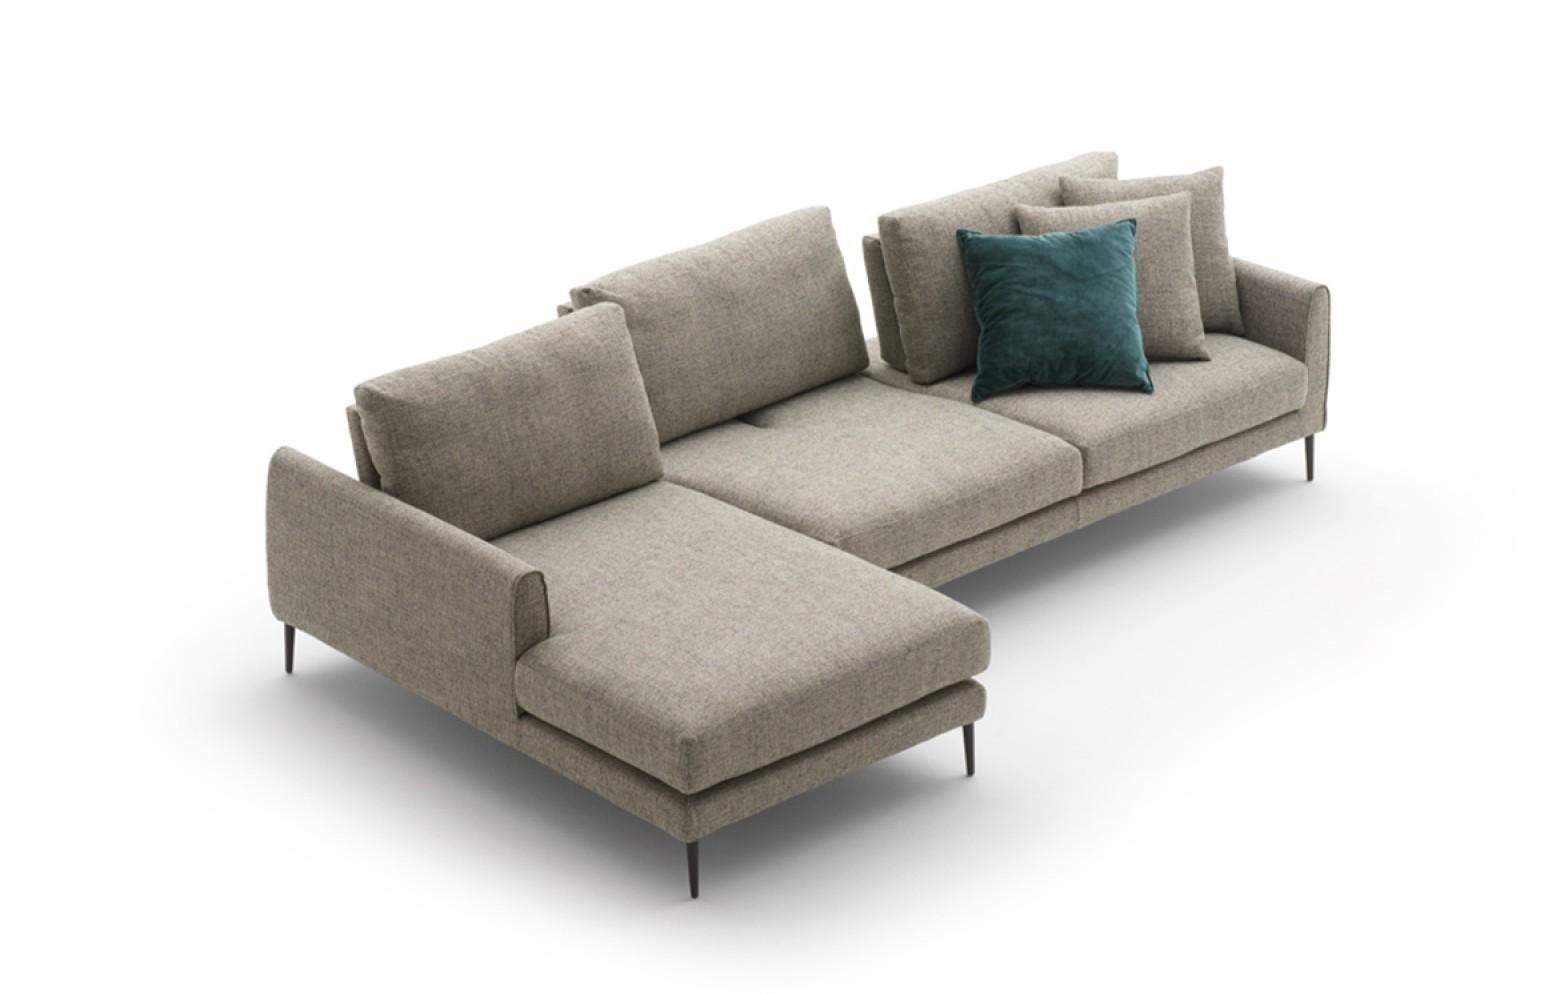 polster ecksofa cool xxl big sofa ecksofa couch polster ecksofa sofa garnitur leder with big. Black Bedroom Furniture Sets. Home Design Ideas